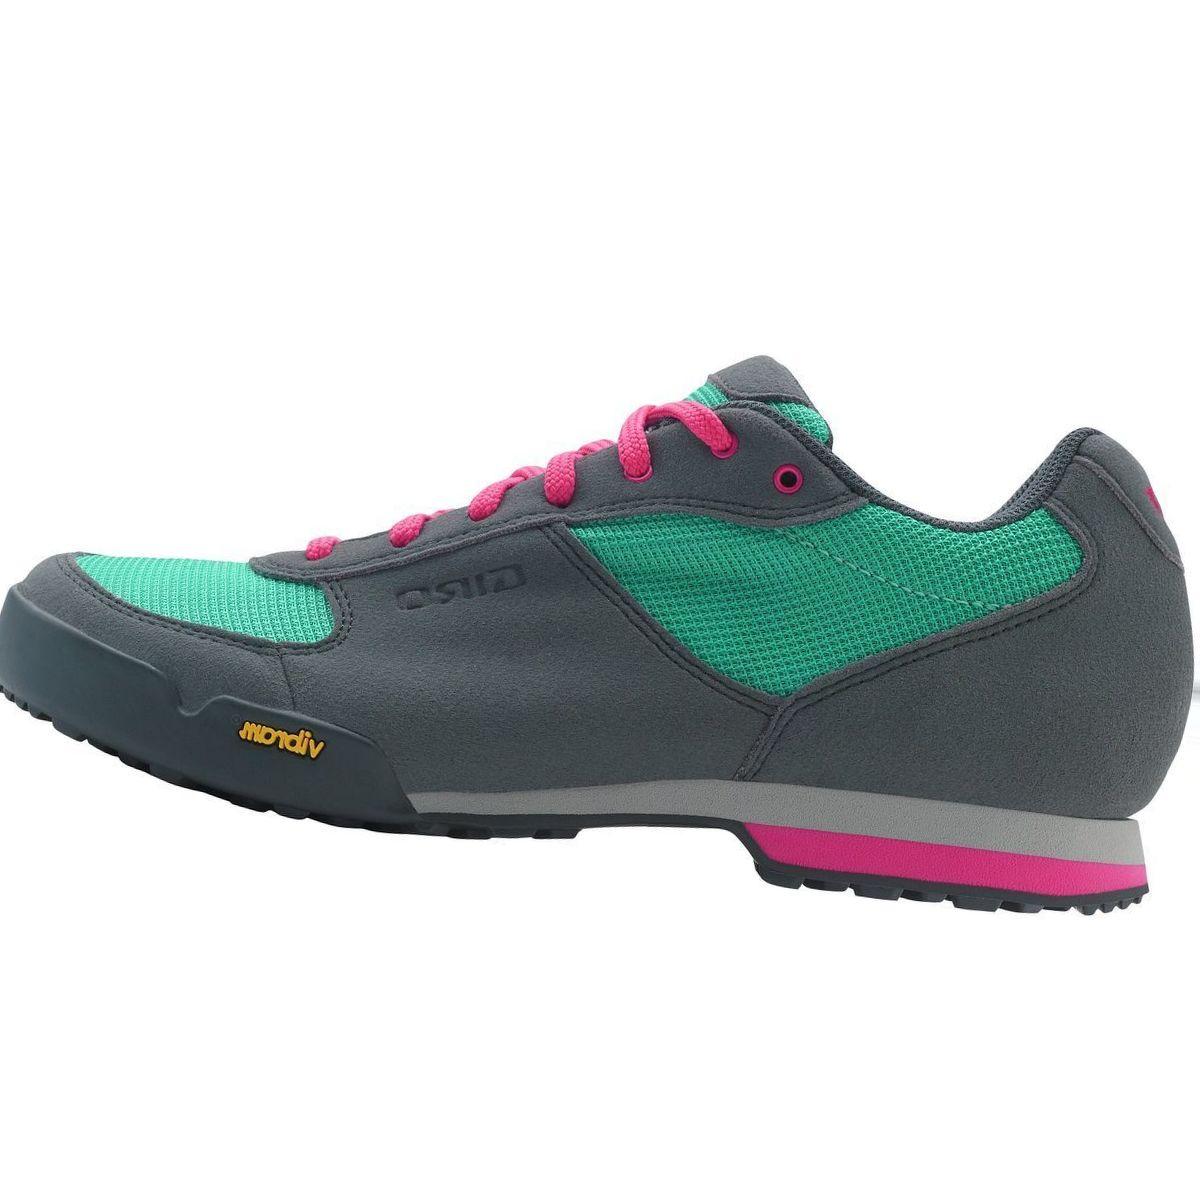 Giro Petra VR Cycling Shoe - Women's